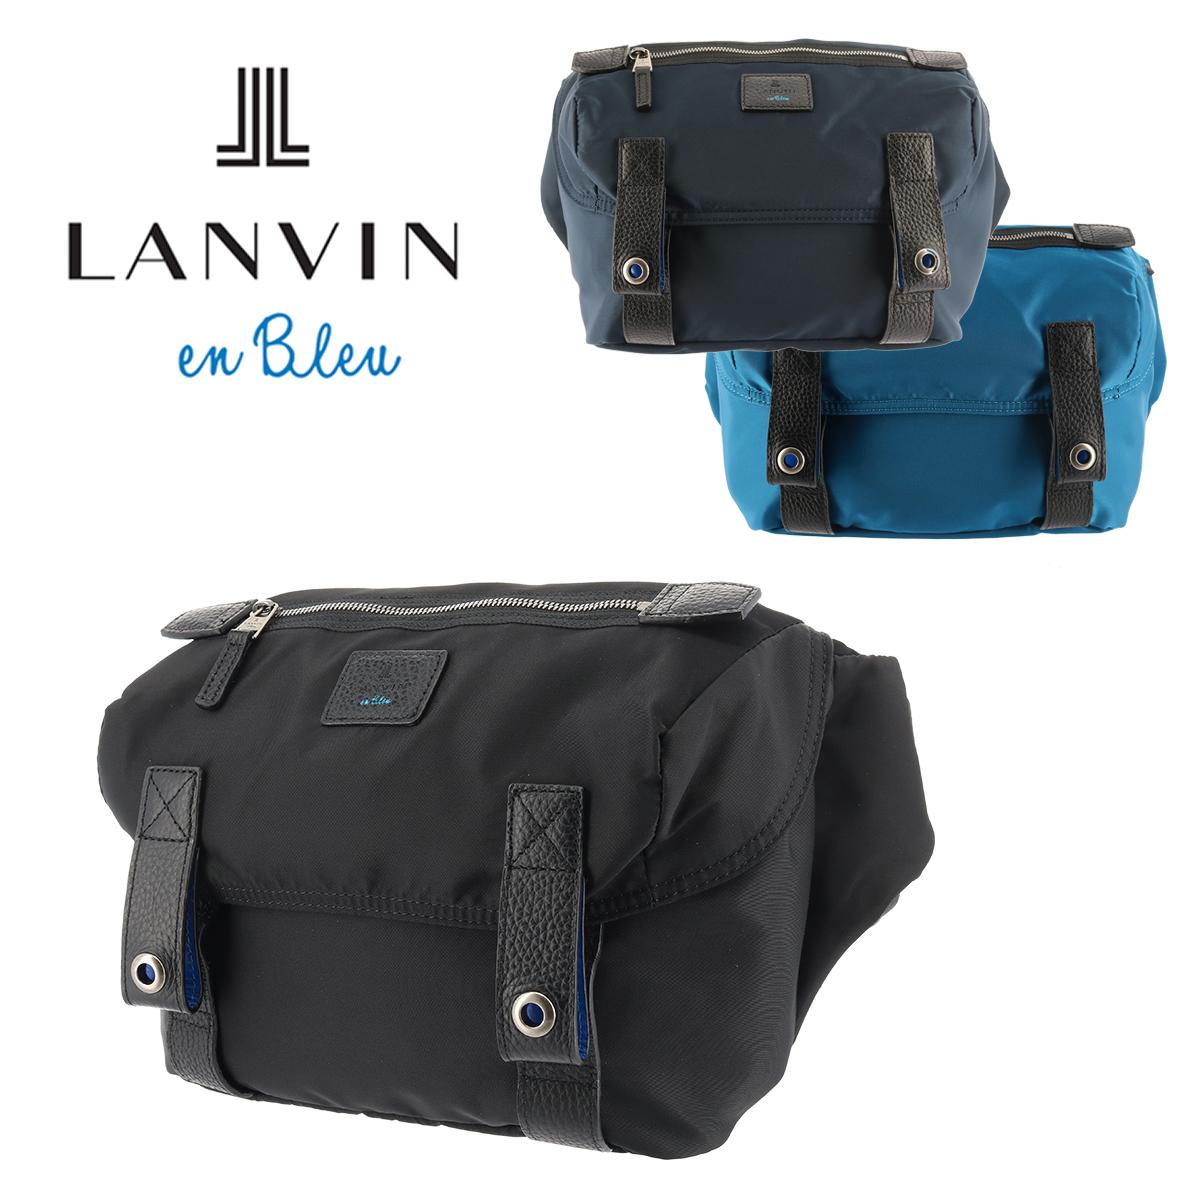 ランバンオンブルー LANVIN en Bleu ボディバッグ 555901 【 ワンショルダー メンズ 】[bef]